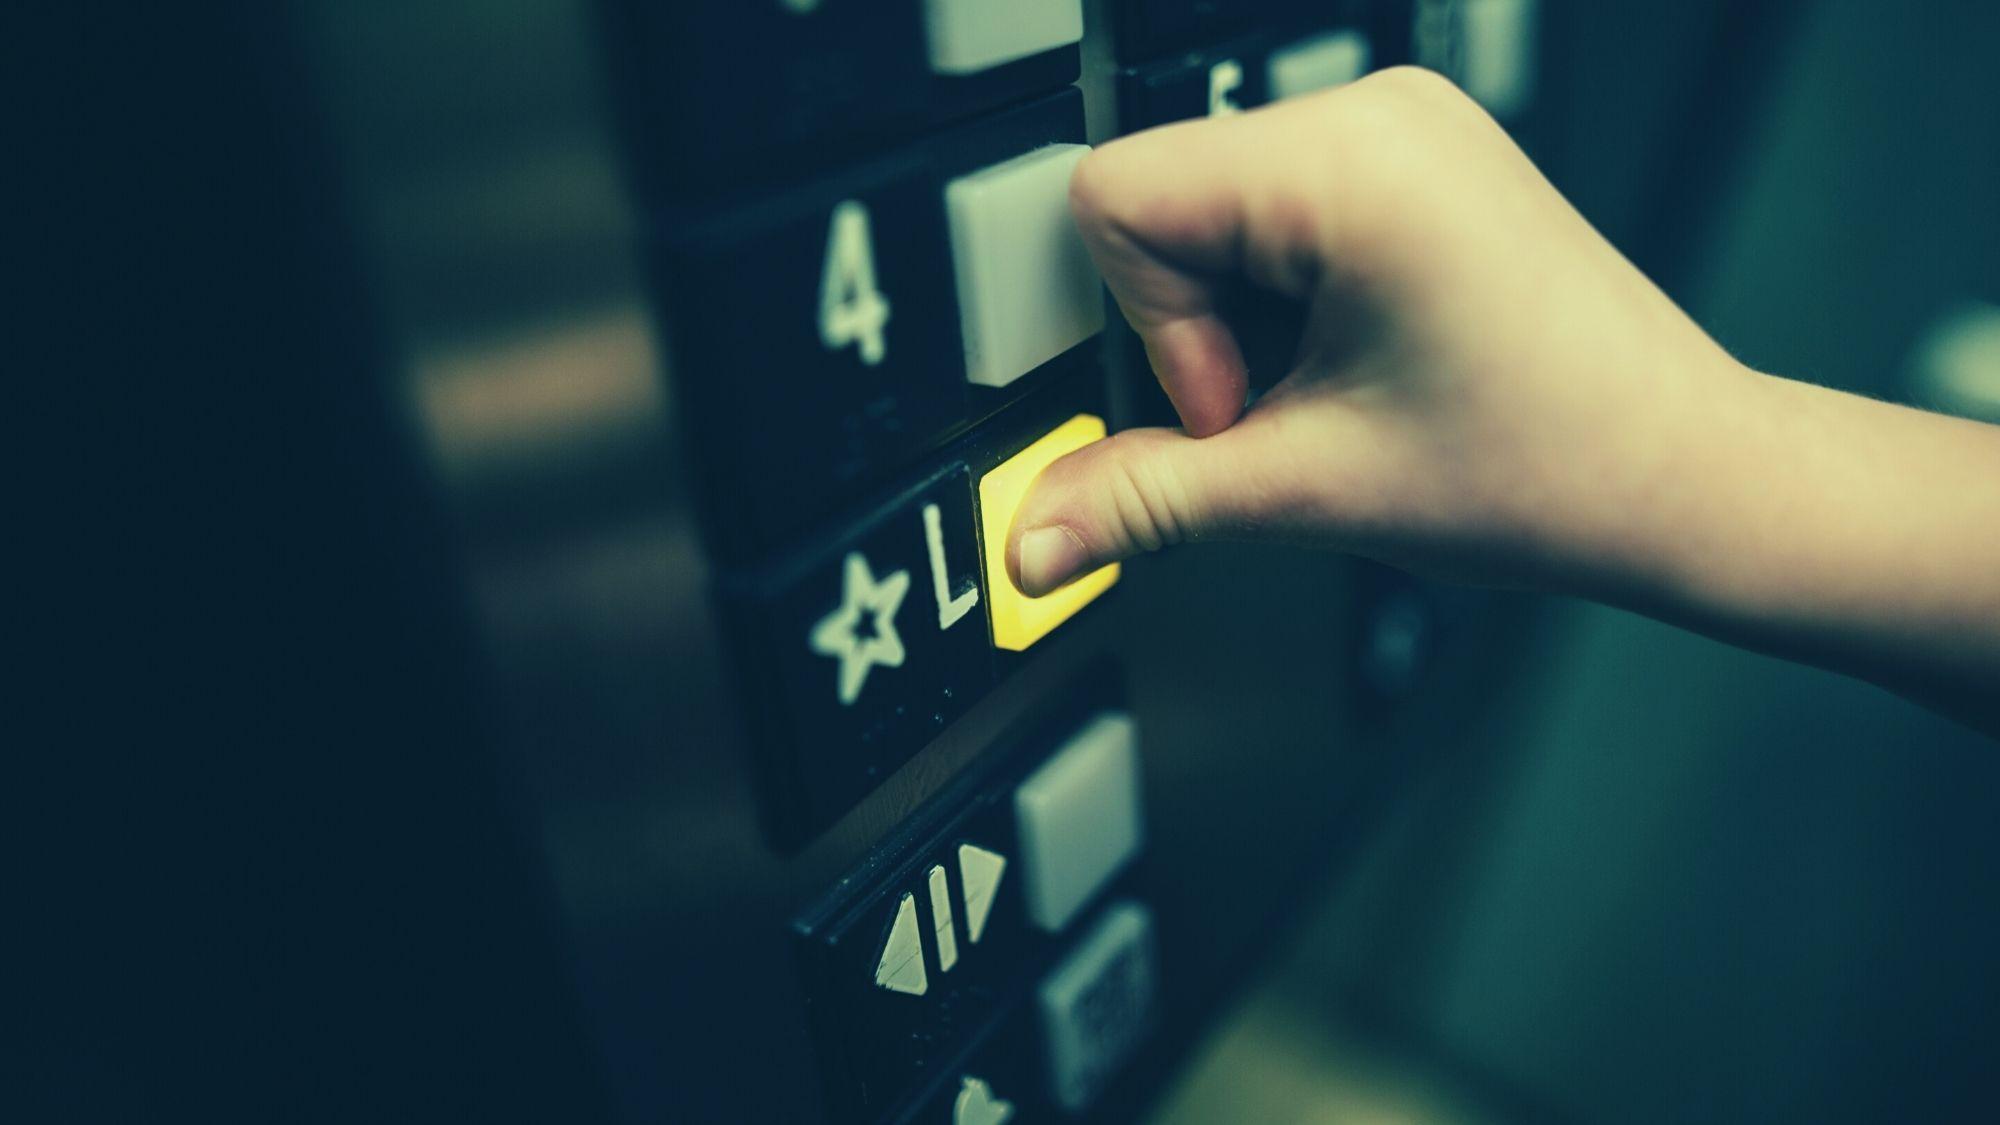 לחיצה על כפתור במעלית